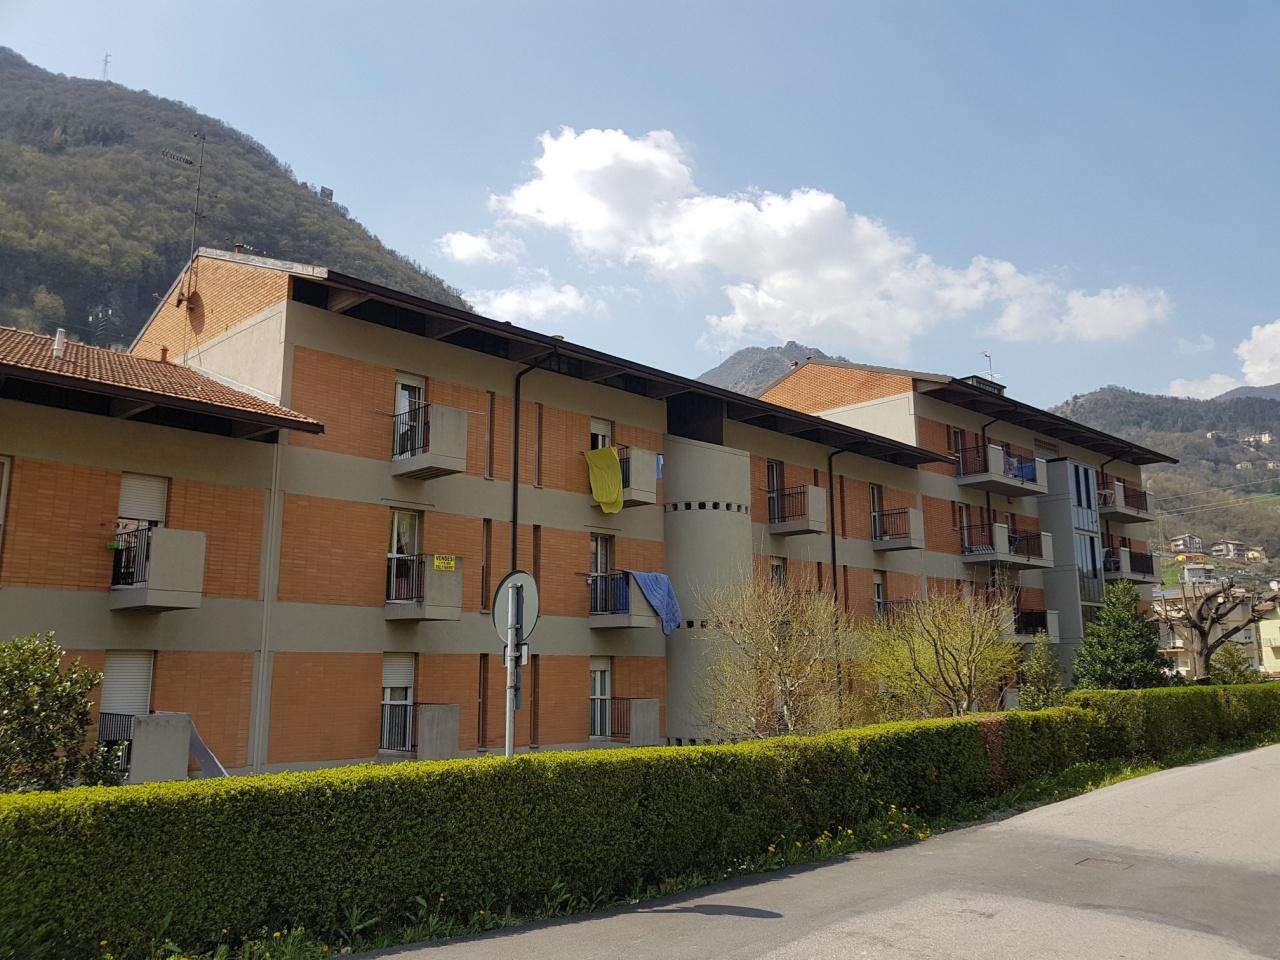 Appartamento in vendita a San Pellegrino Terme, 6 locali, prezzo € 114.000 | PortaleAgenzieImmobiliari.it